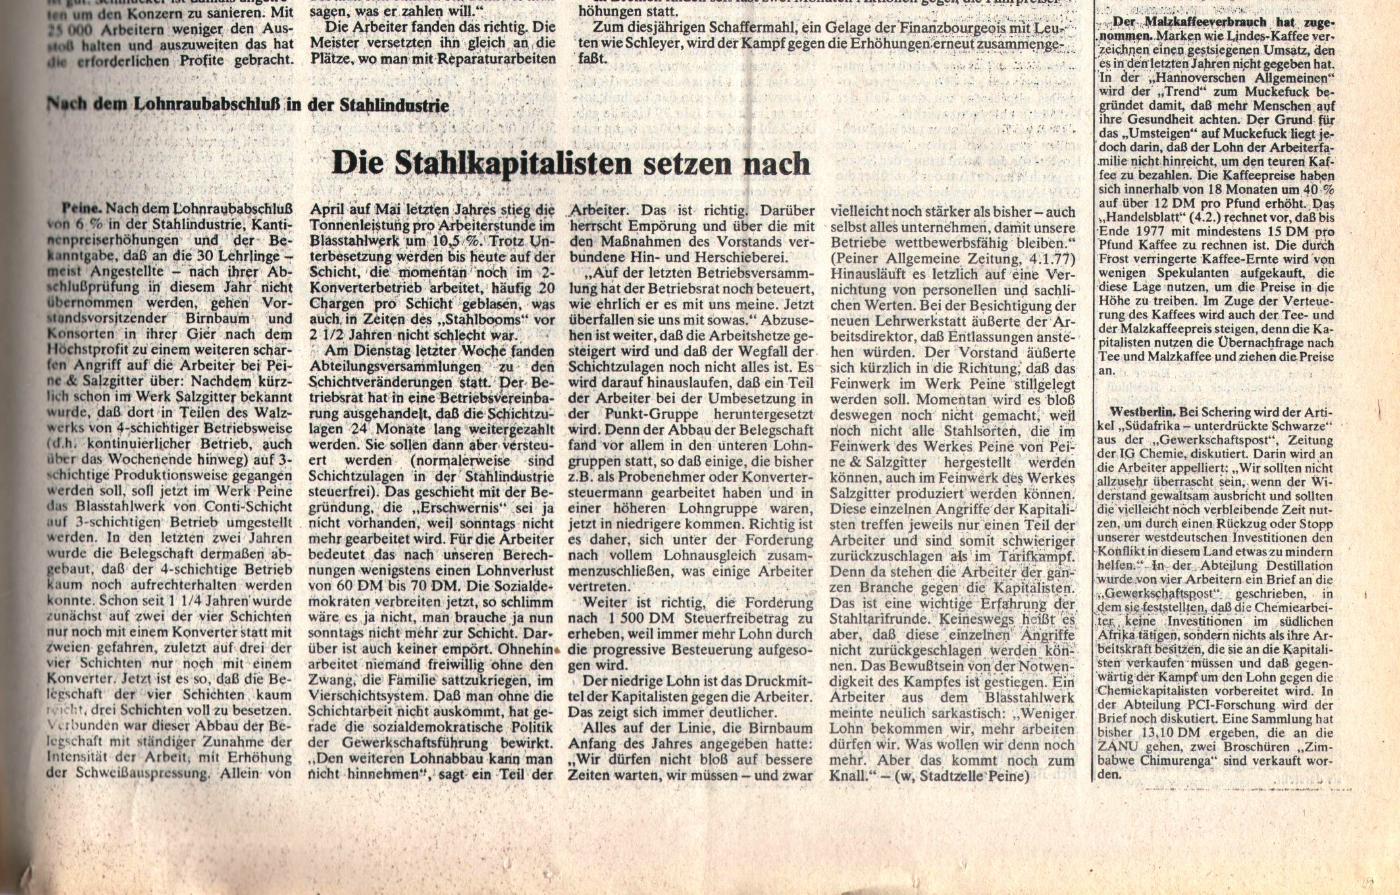 KVZ_Nord_1977_06_10